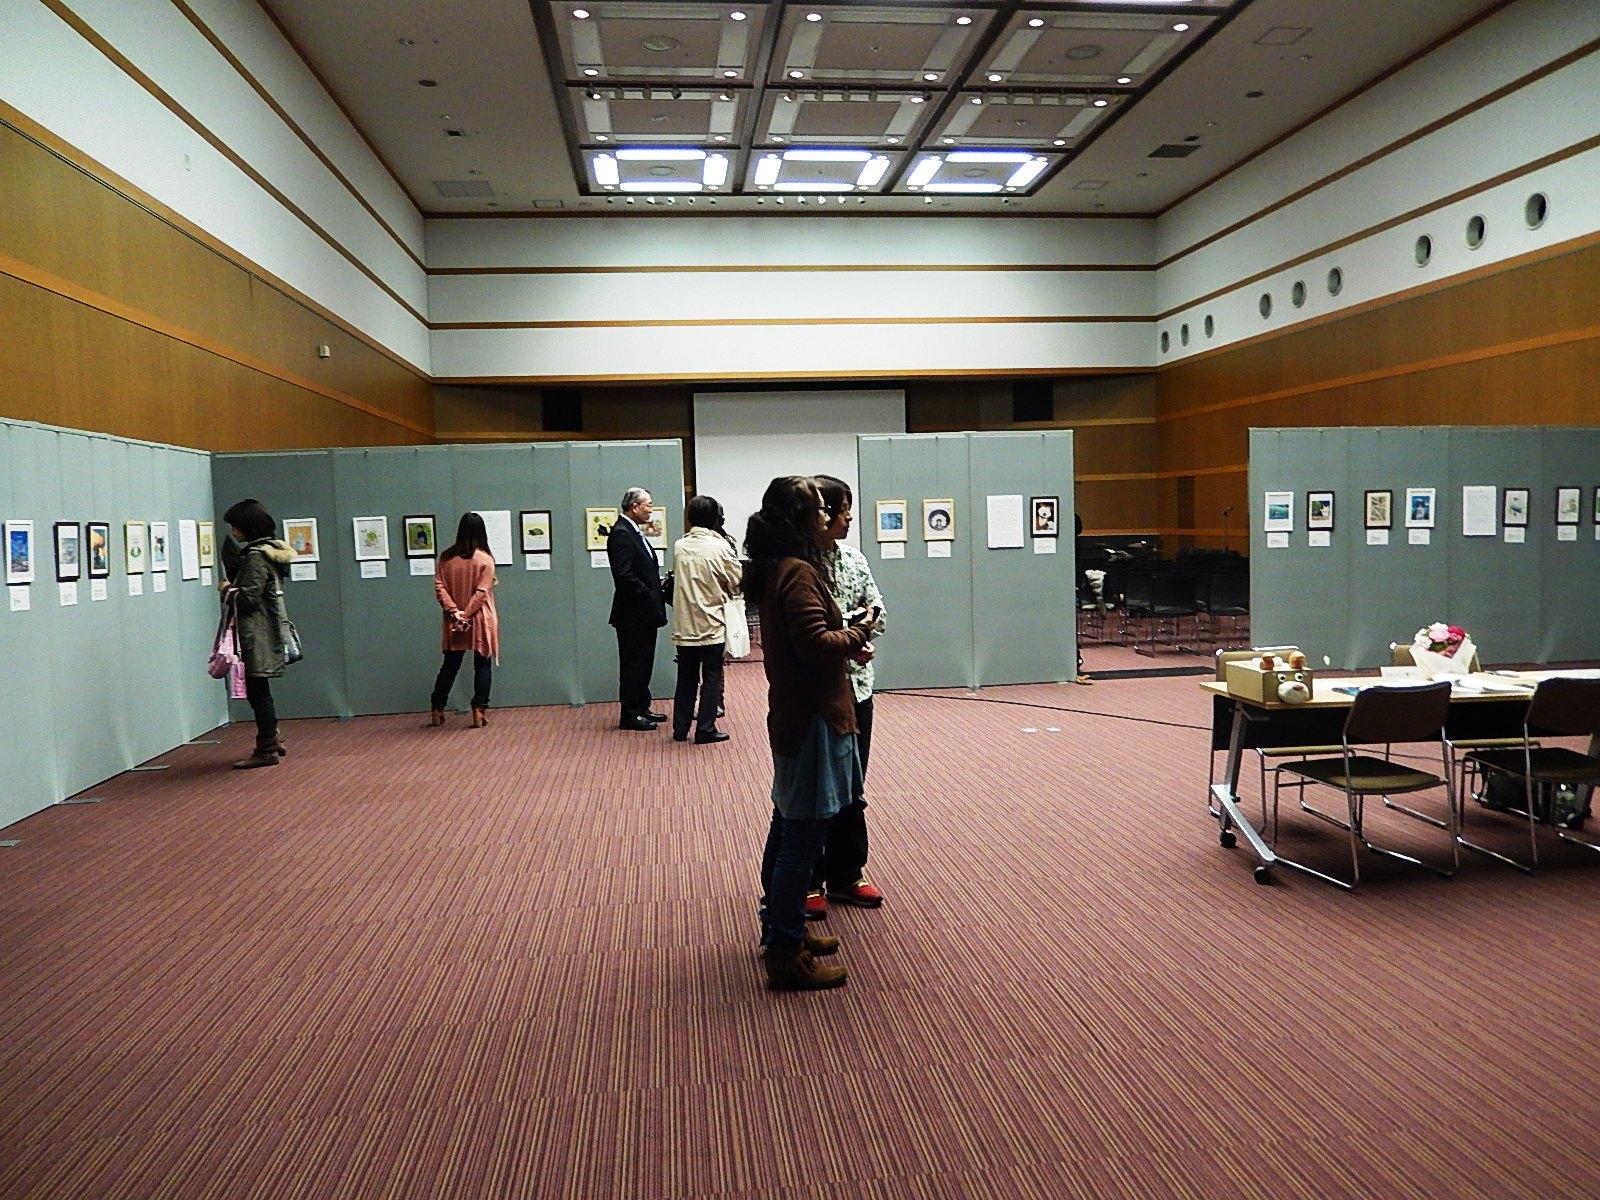 5日間行われた「震災で消えた小さな命展 複製画展」の様子